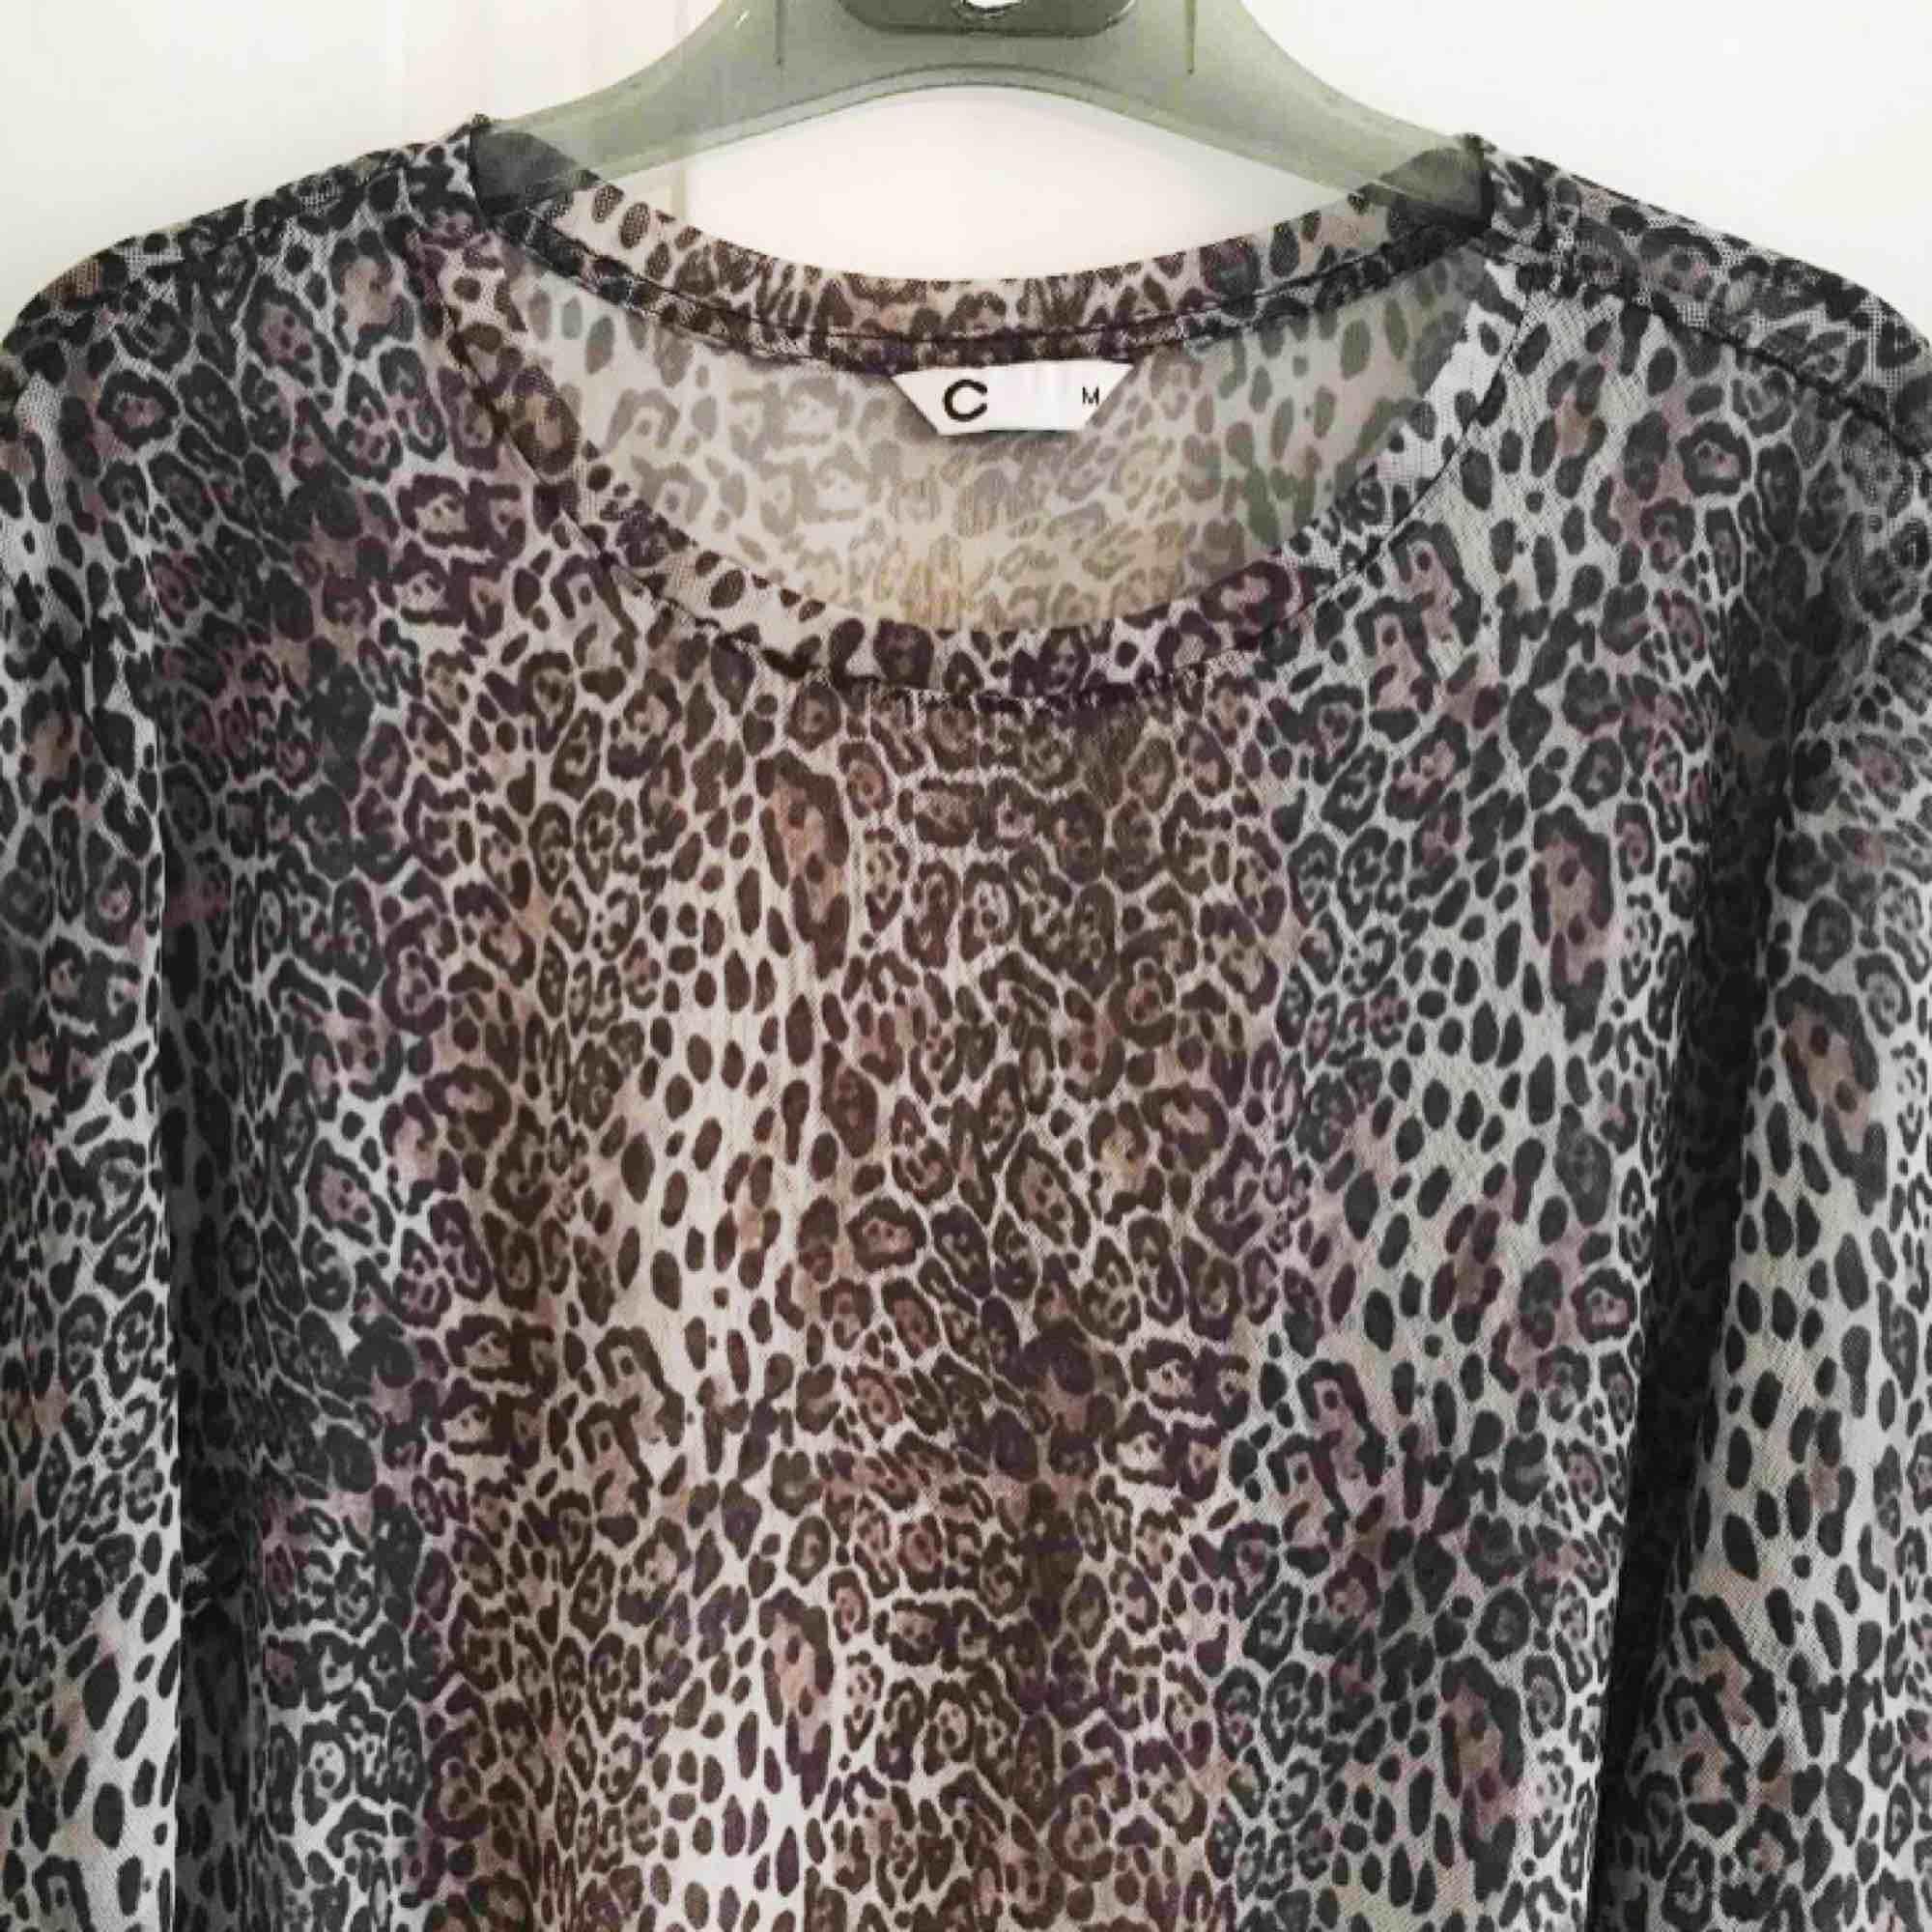 Transparent mesh-topp med långa ärmar i leopard-mönster. Stl M. I fint skick!. Toppar.